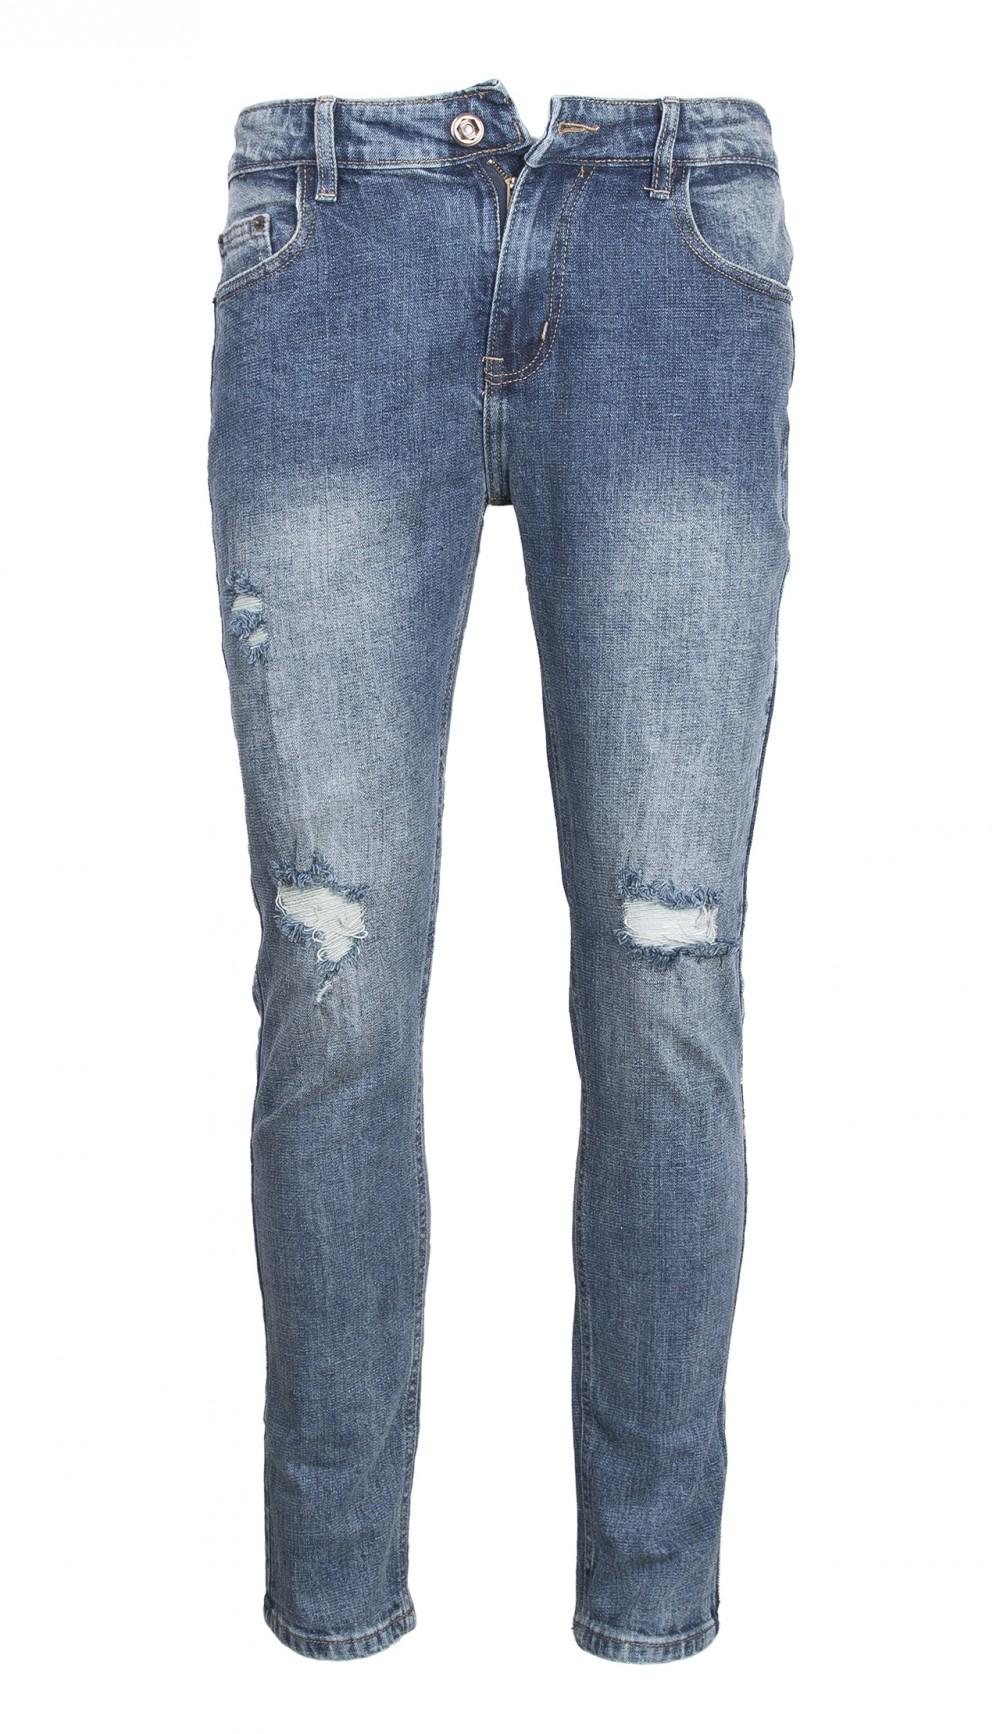 Quần jeans rách xanh rêu qj1565 - 2